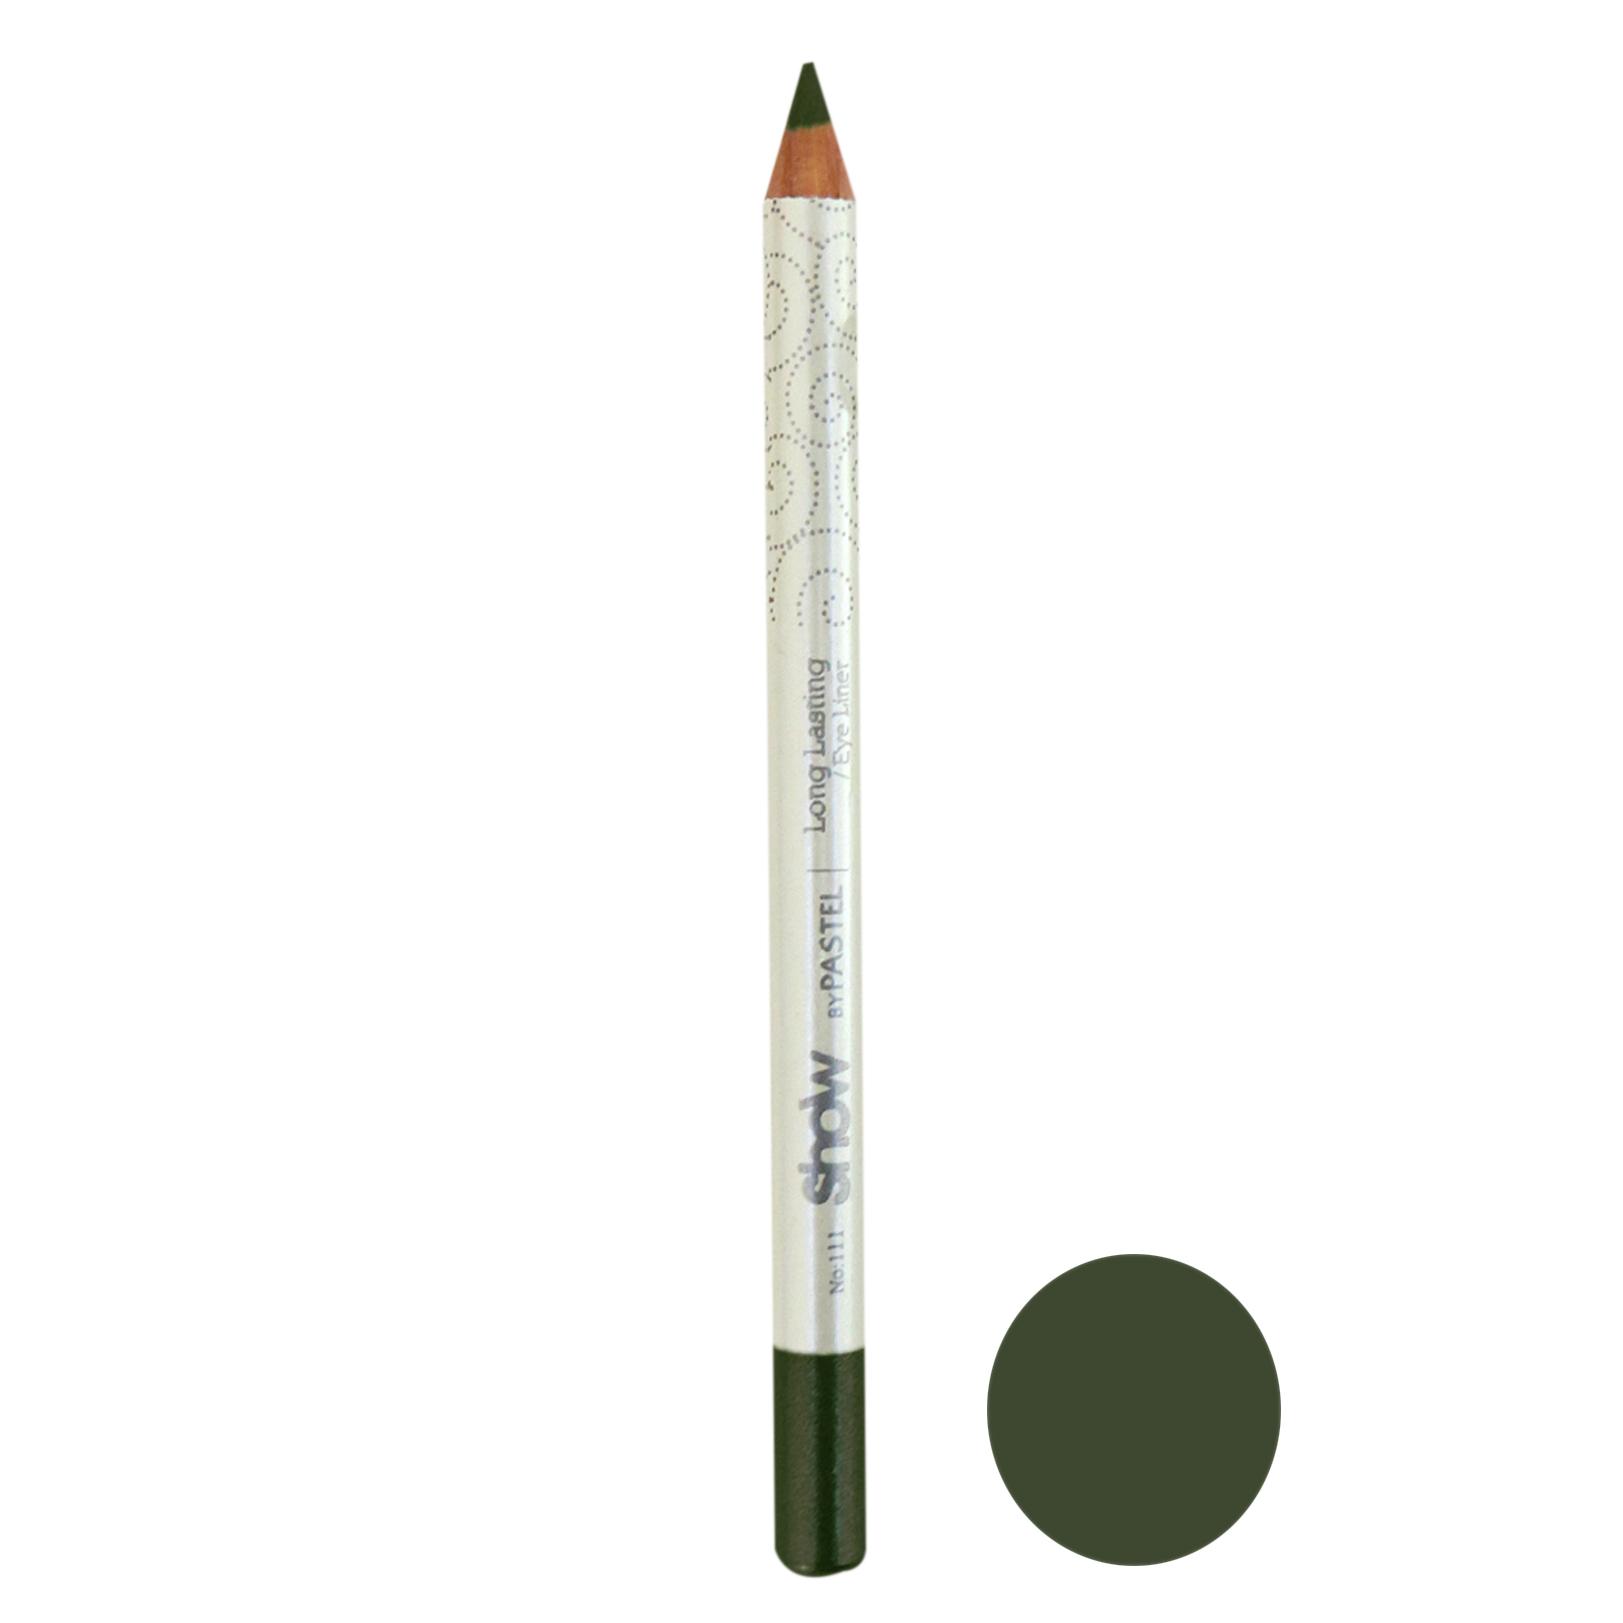 مداد چشم پاستل مدل Long Lasting شماره 108